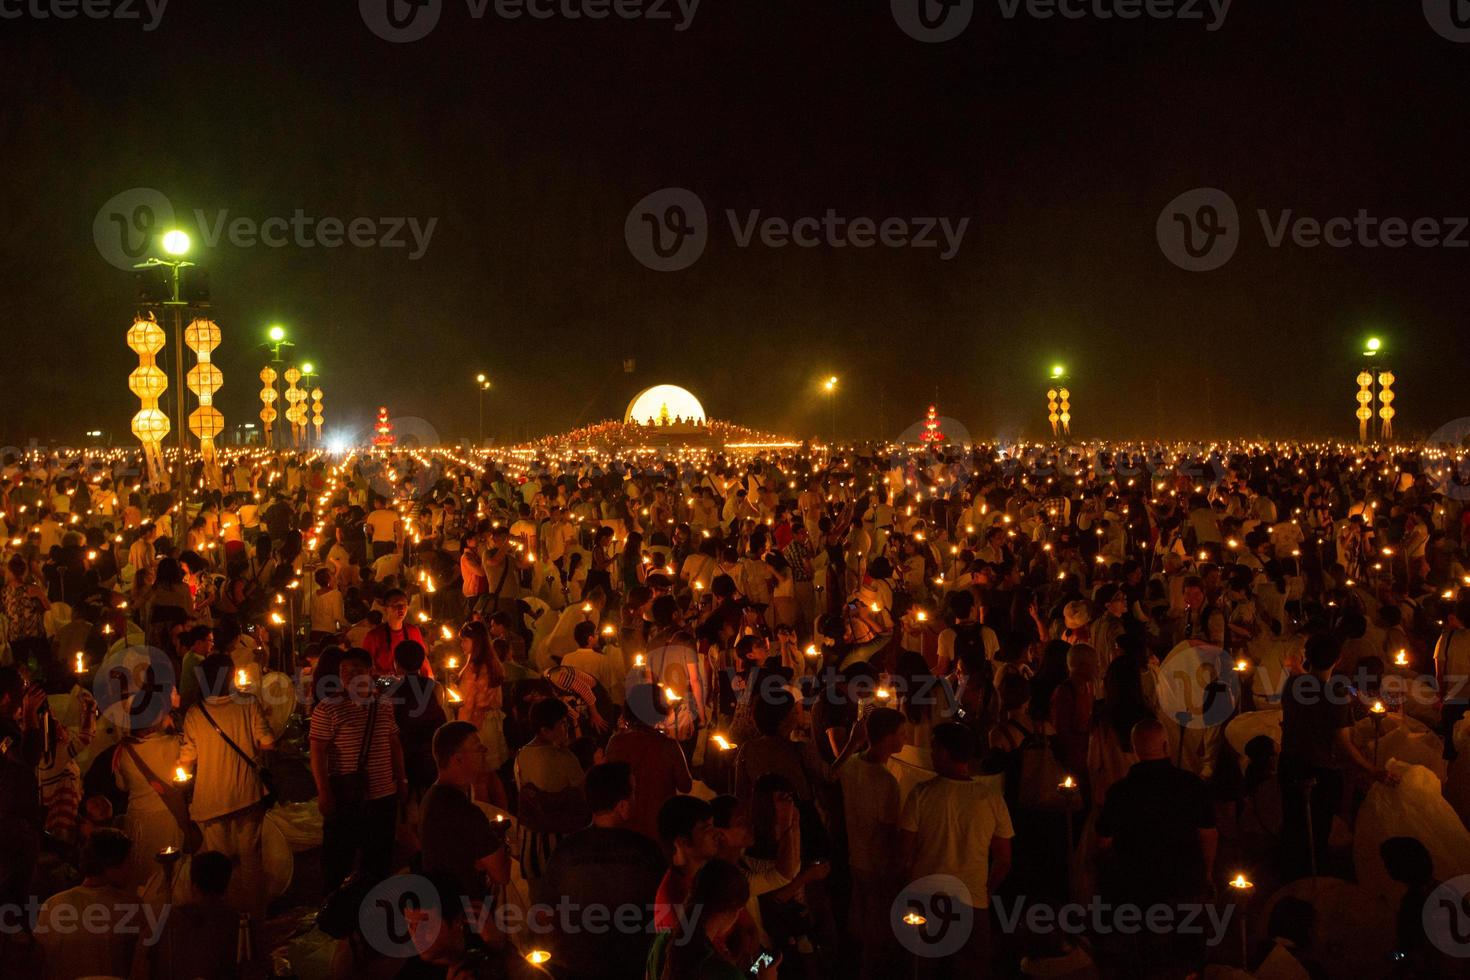 mae jo, chiangmai, tailandia - 25 de octubre de 2014: linterna flotante, foto